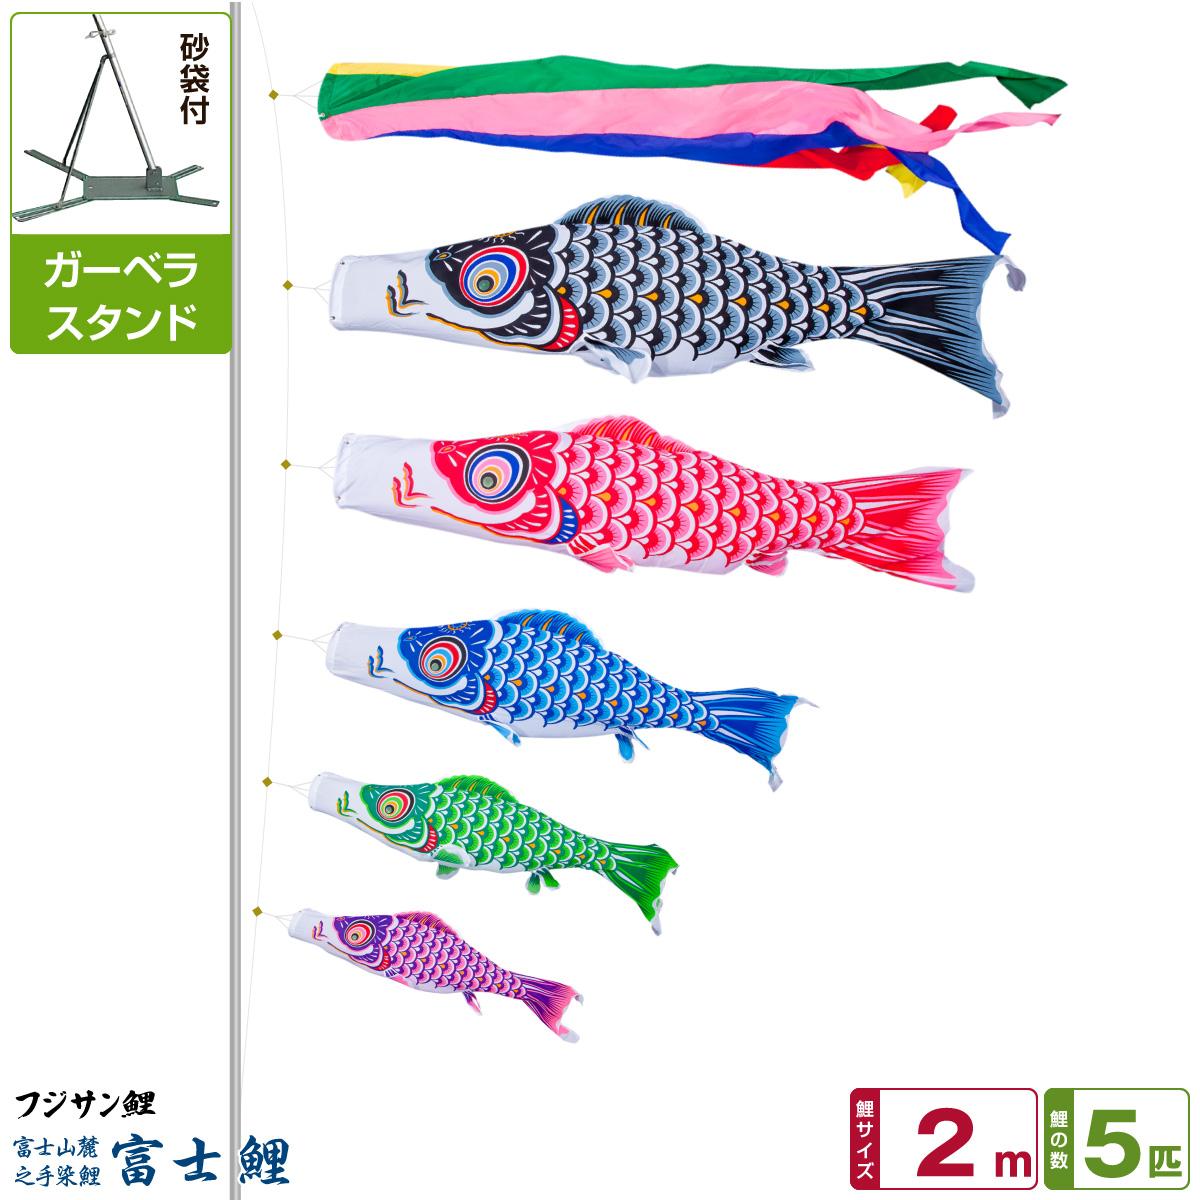 ベランダ用 こいのぼり 鯉のぼり フジサン鯉 富士鯉 2m 8点(吹流し+鯉5匹+矢車+ロープ)/ガーベラセット(庭・ベランダ兼用スタンド)